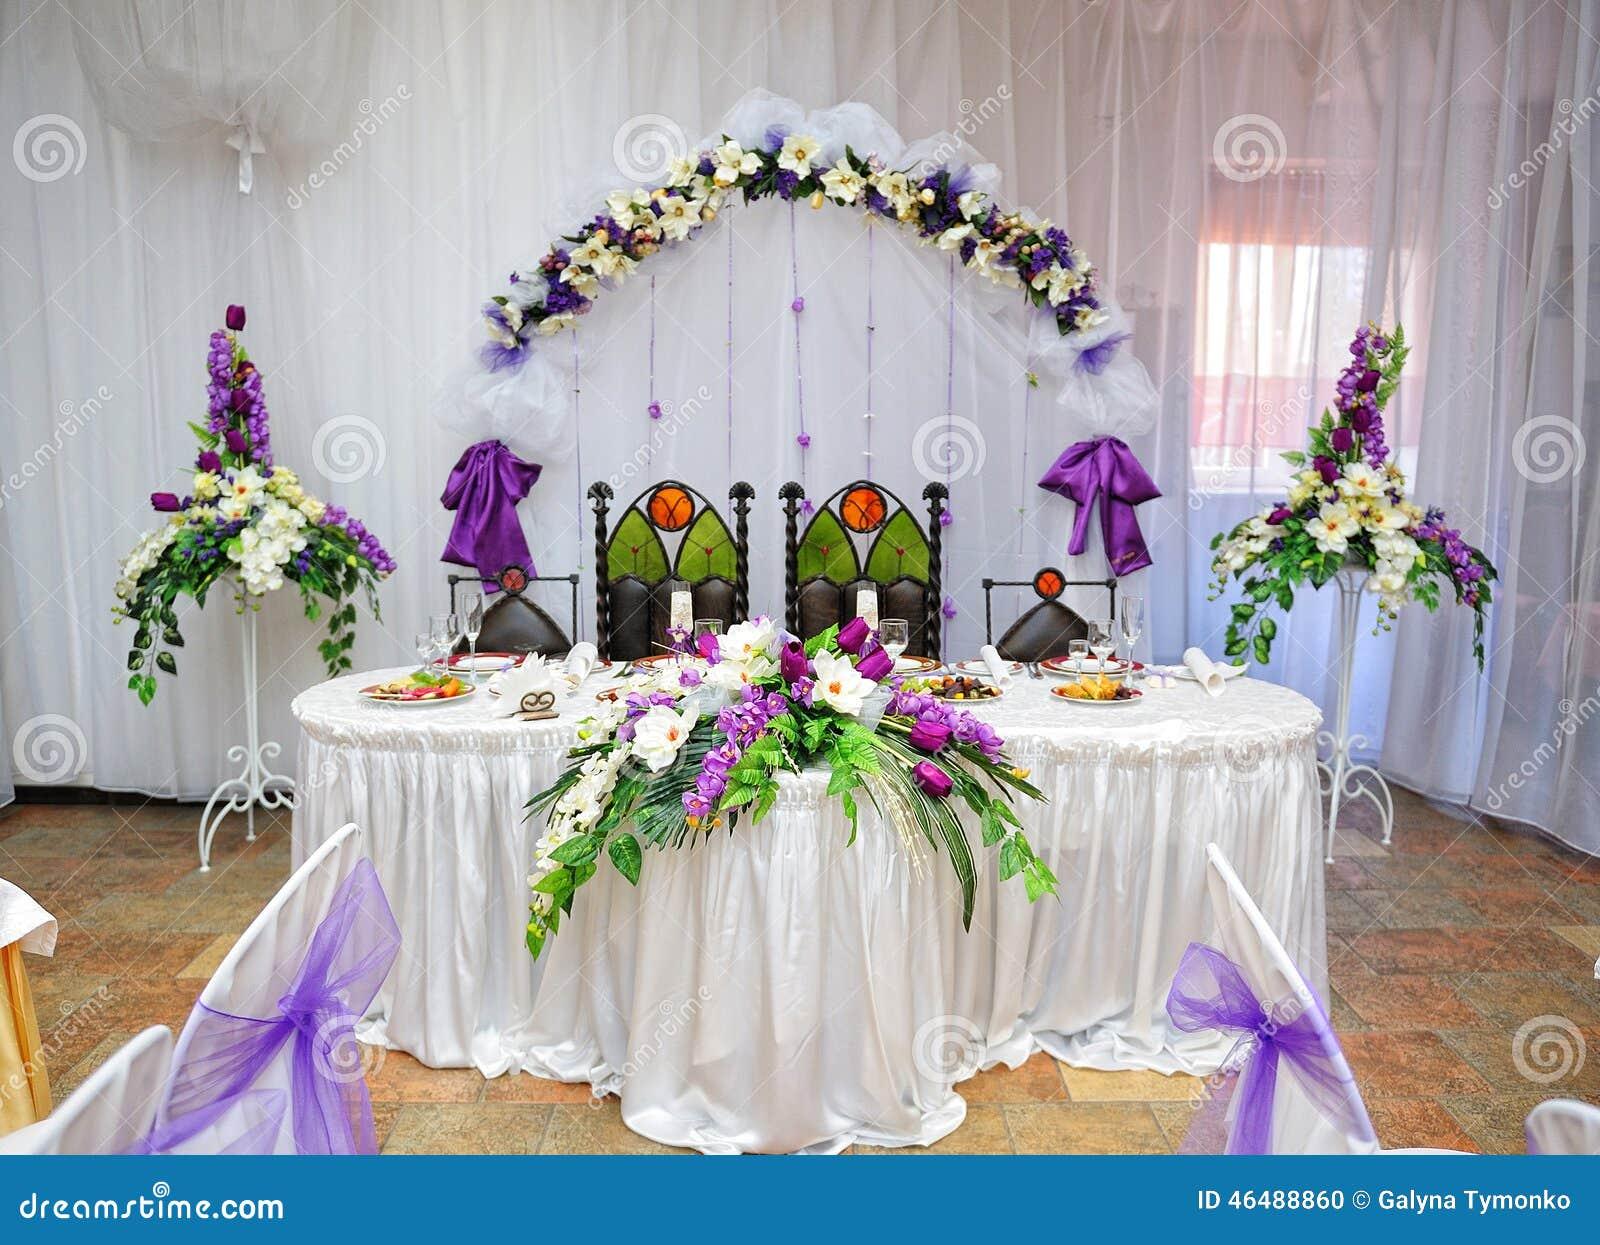 Sposa E Sposo Della Decorazione Della Tavola Di Nozze